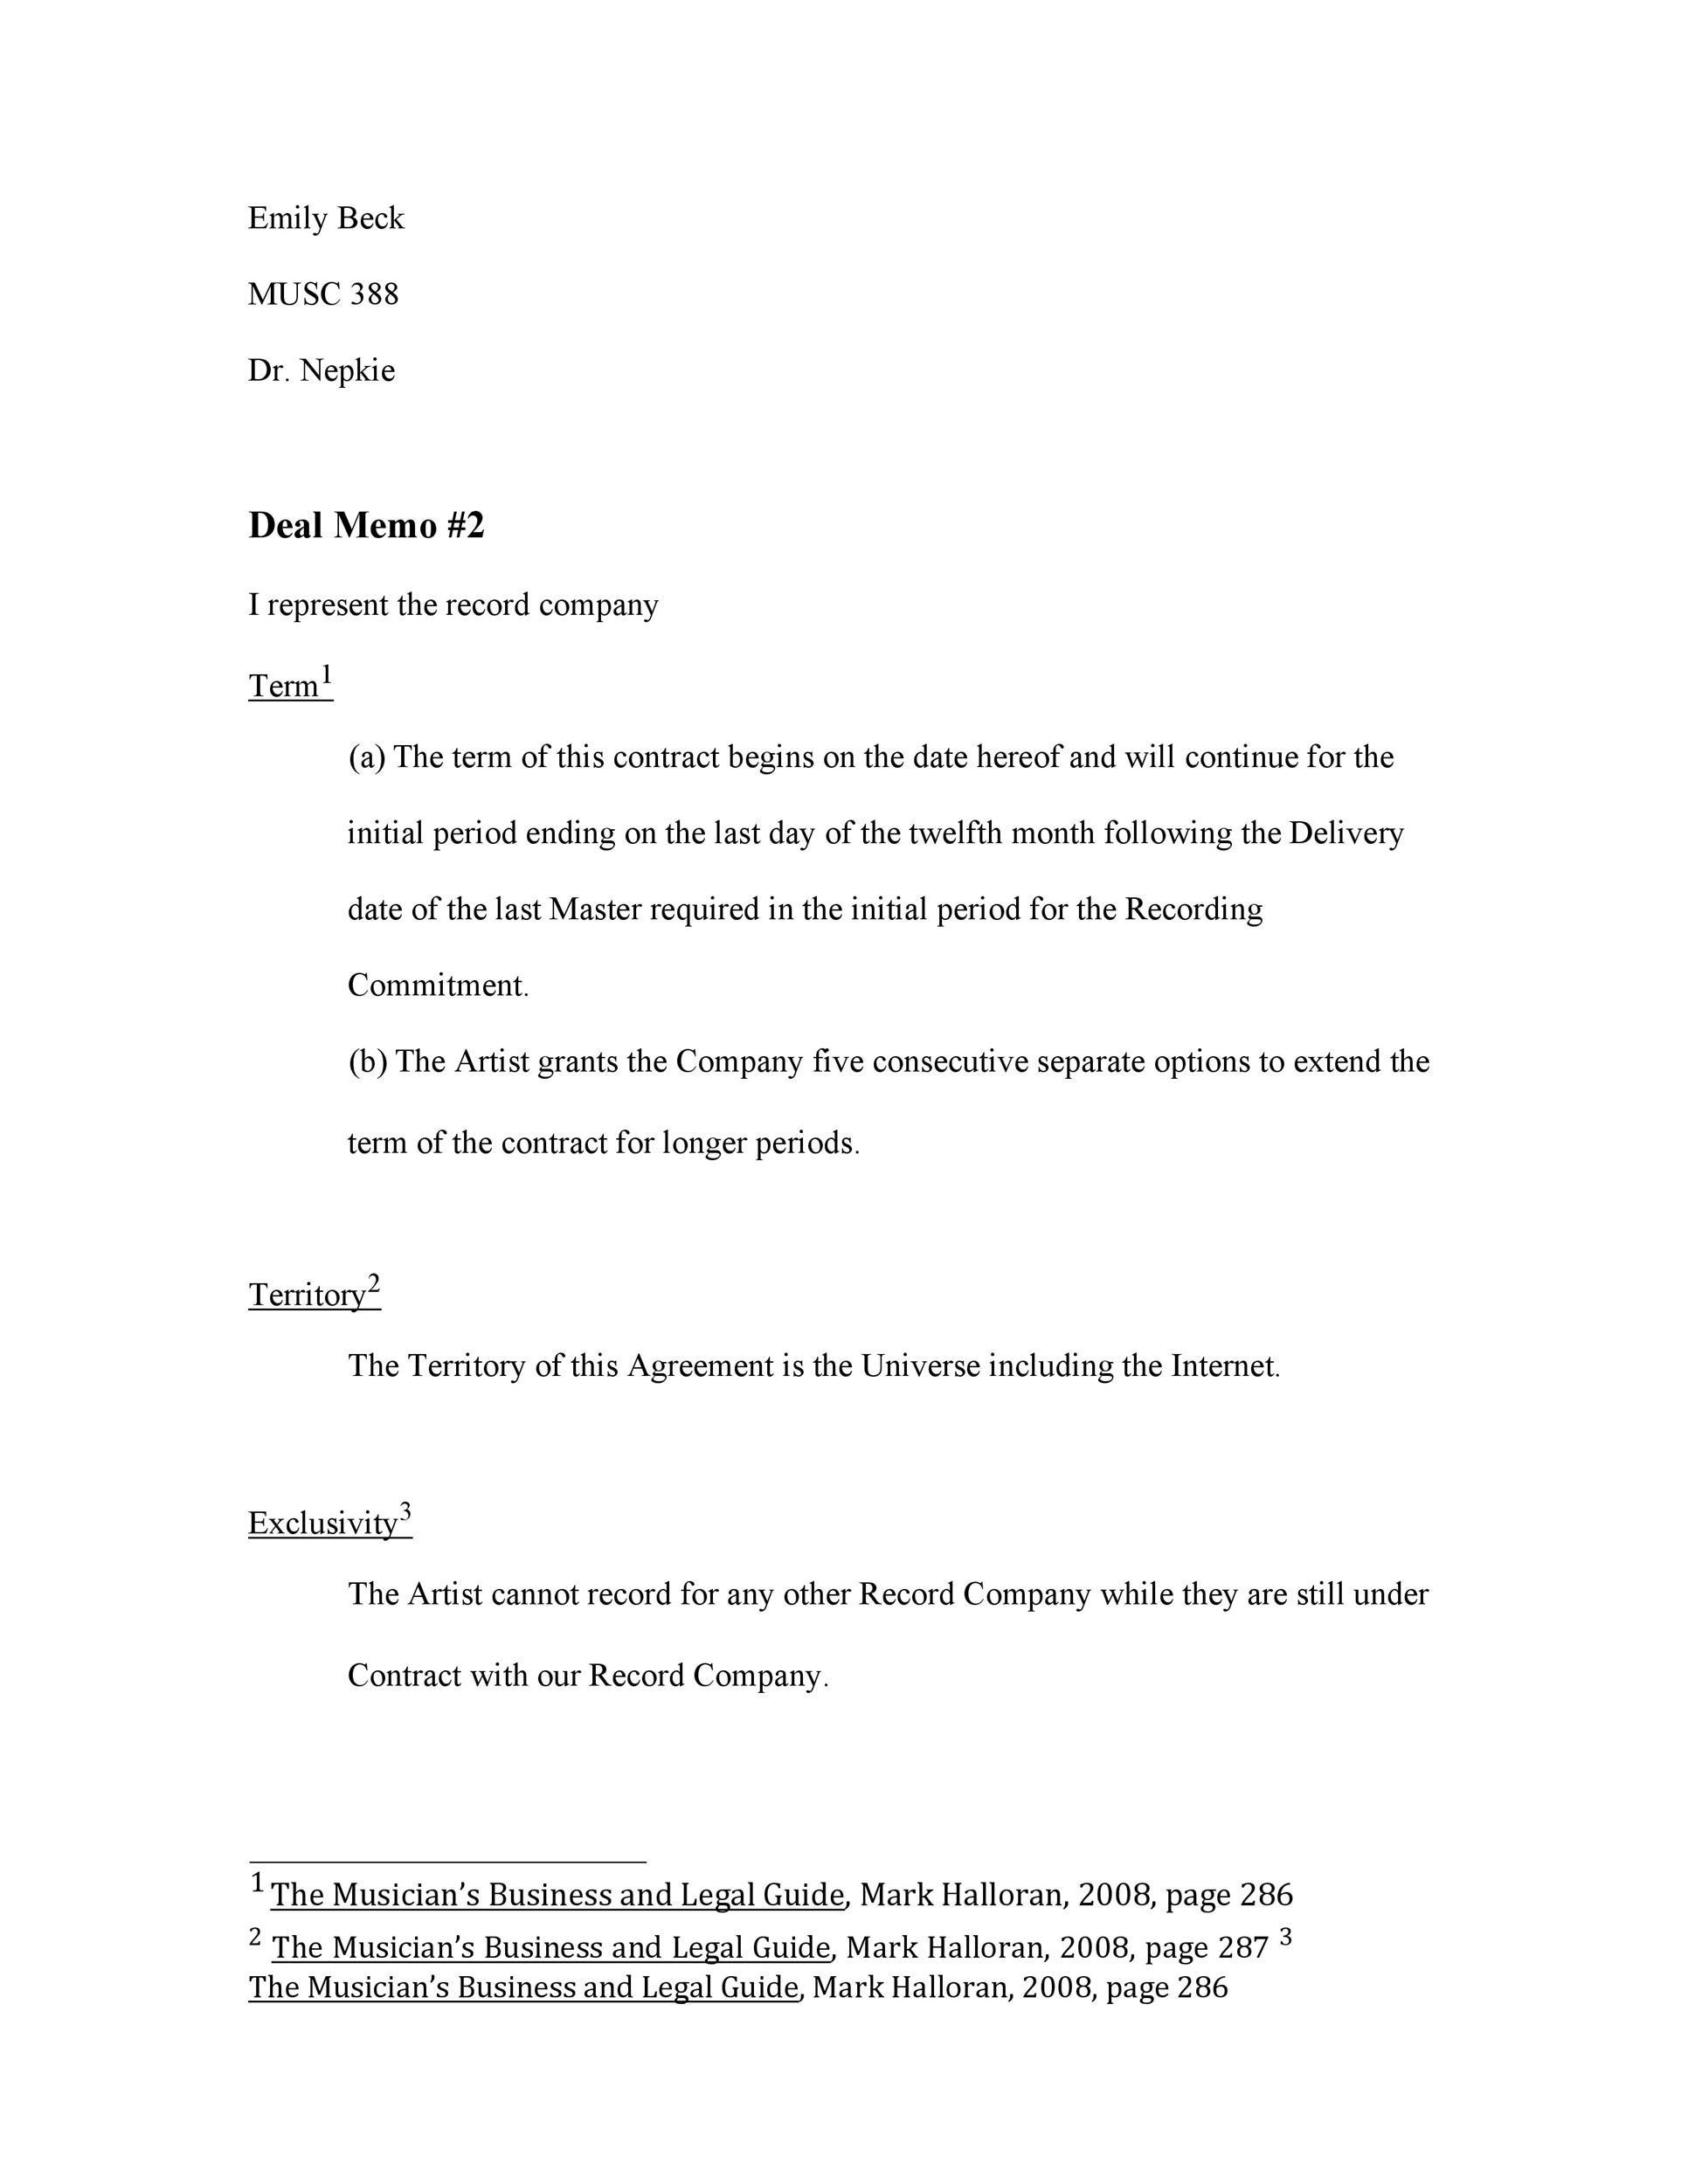 Free deal memo template 25